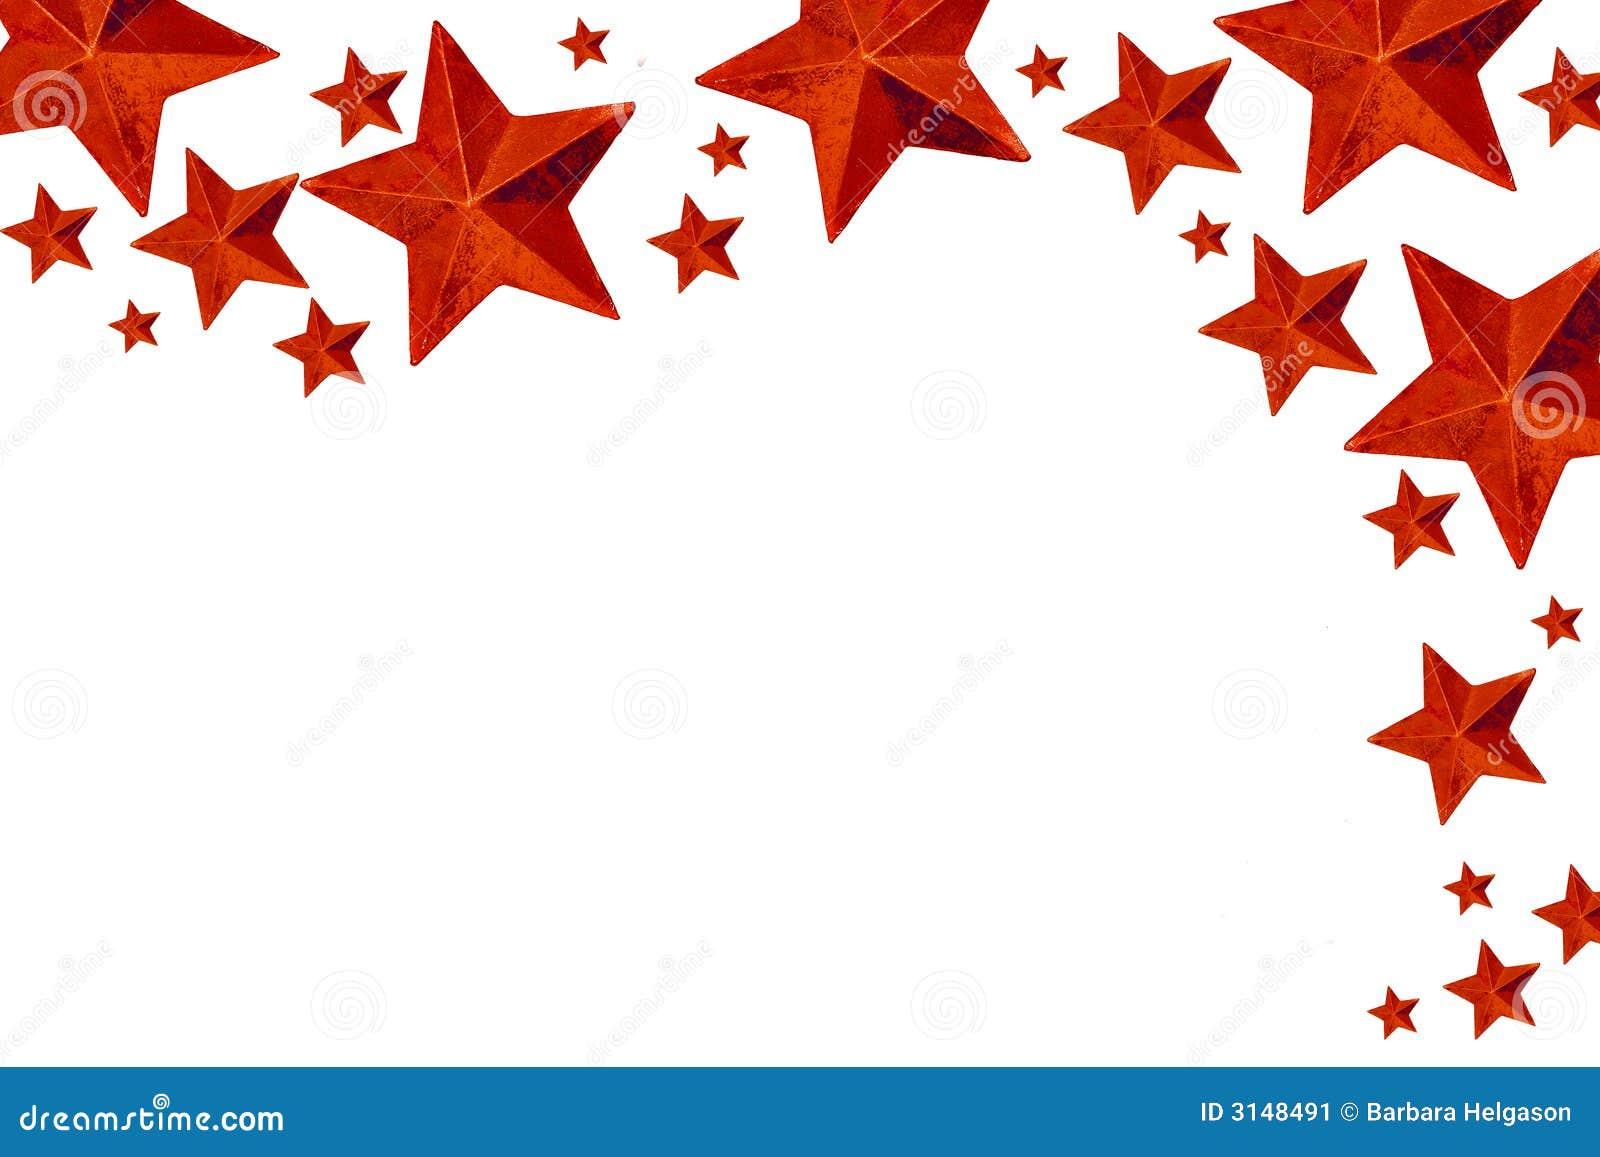 Weihnachtsstern stock abbildung. Illustration von jahreszeit - 3148491